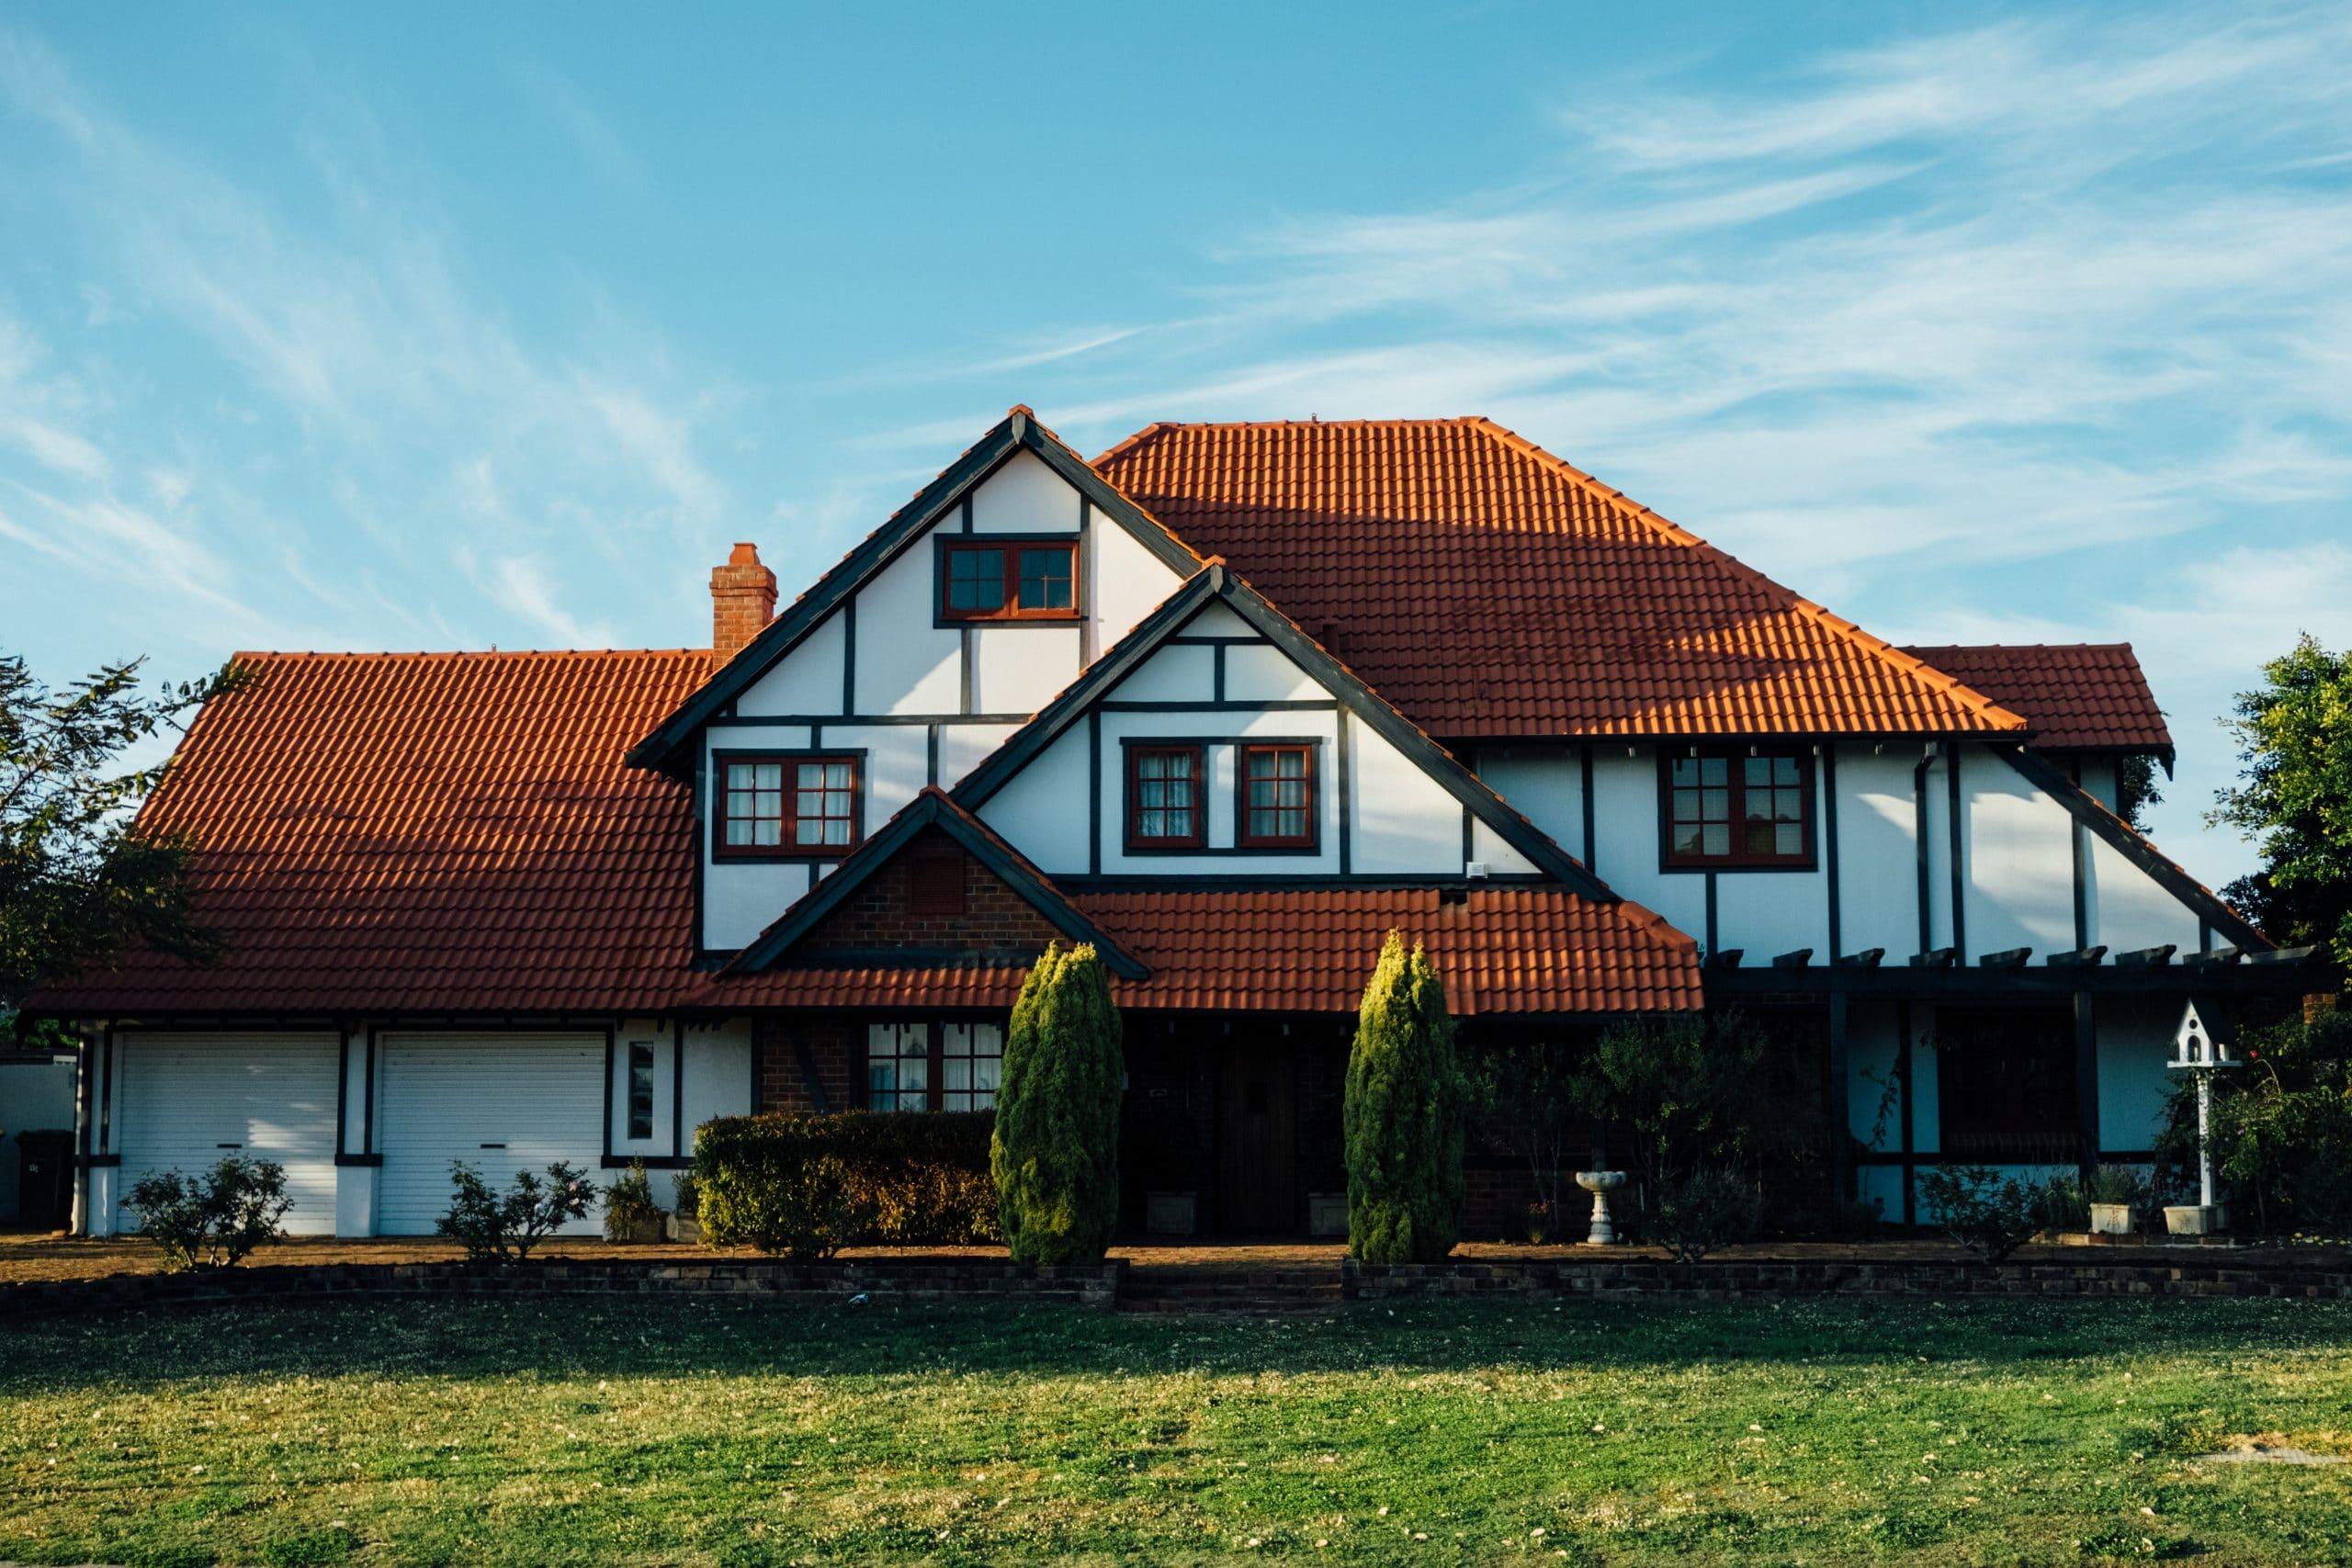 Vivez-vous dans un petit logement (appartement, maisonnette) ou dans une grande maison avec jardin ?